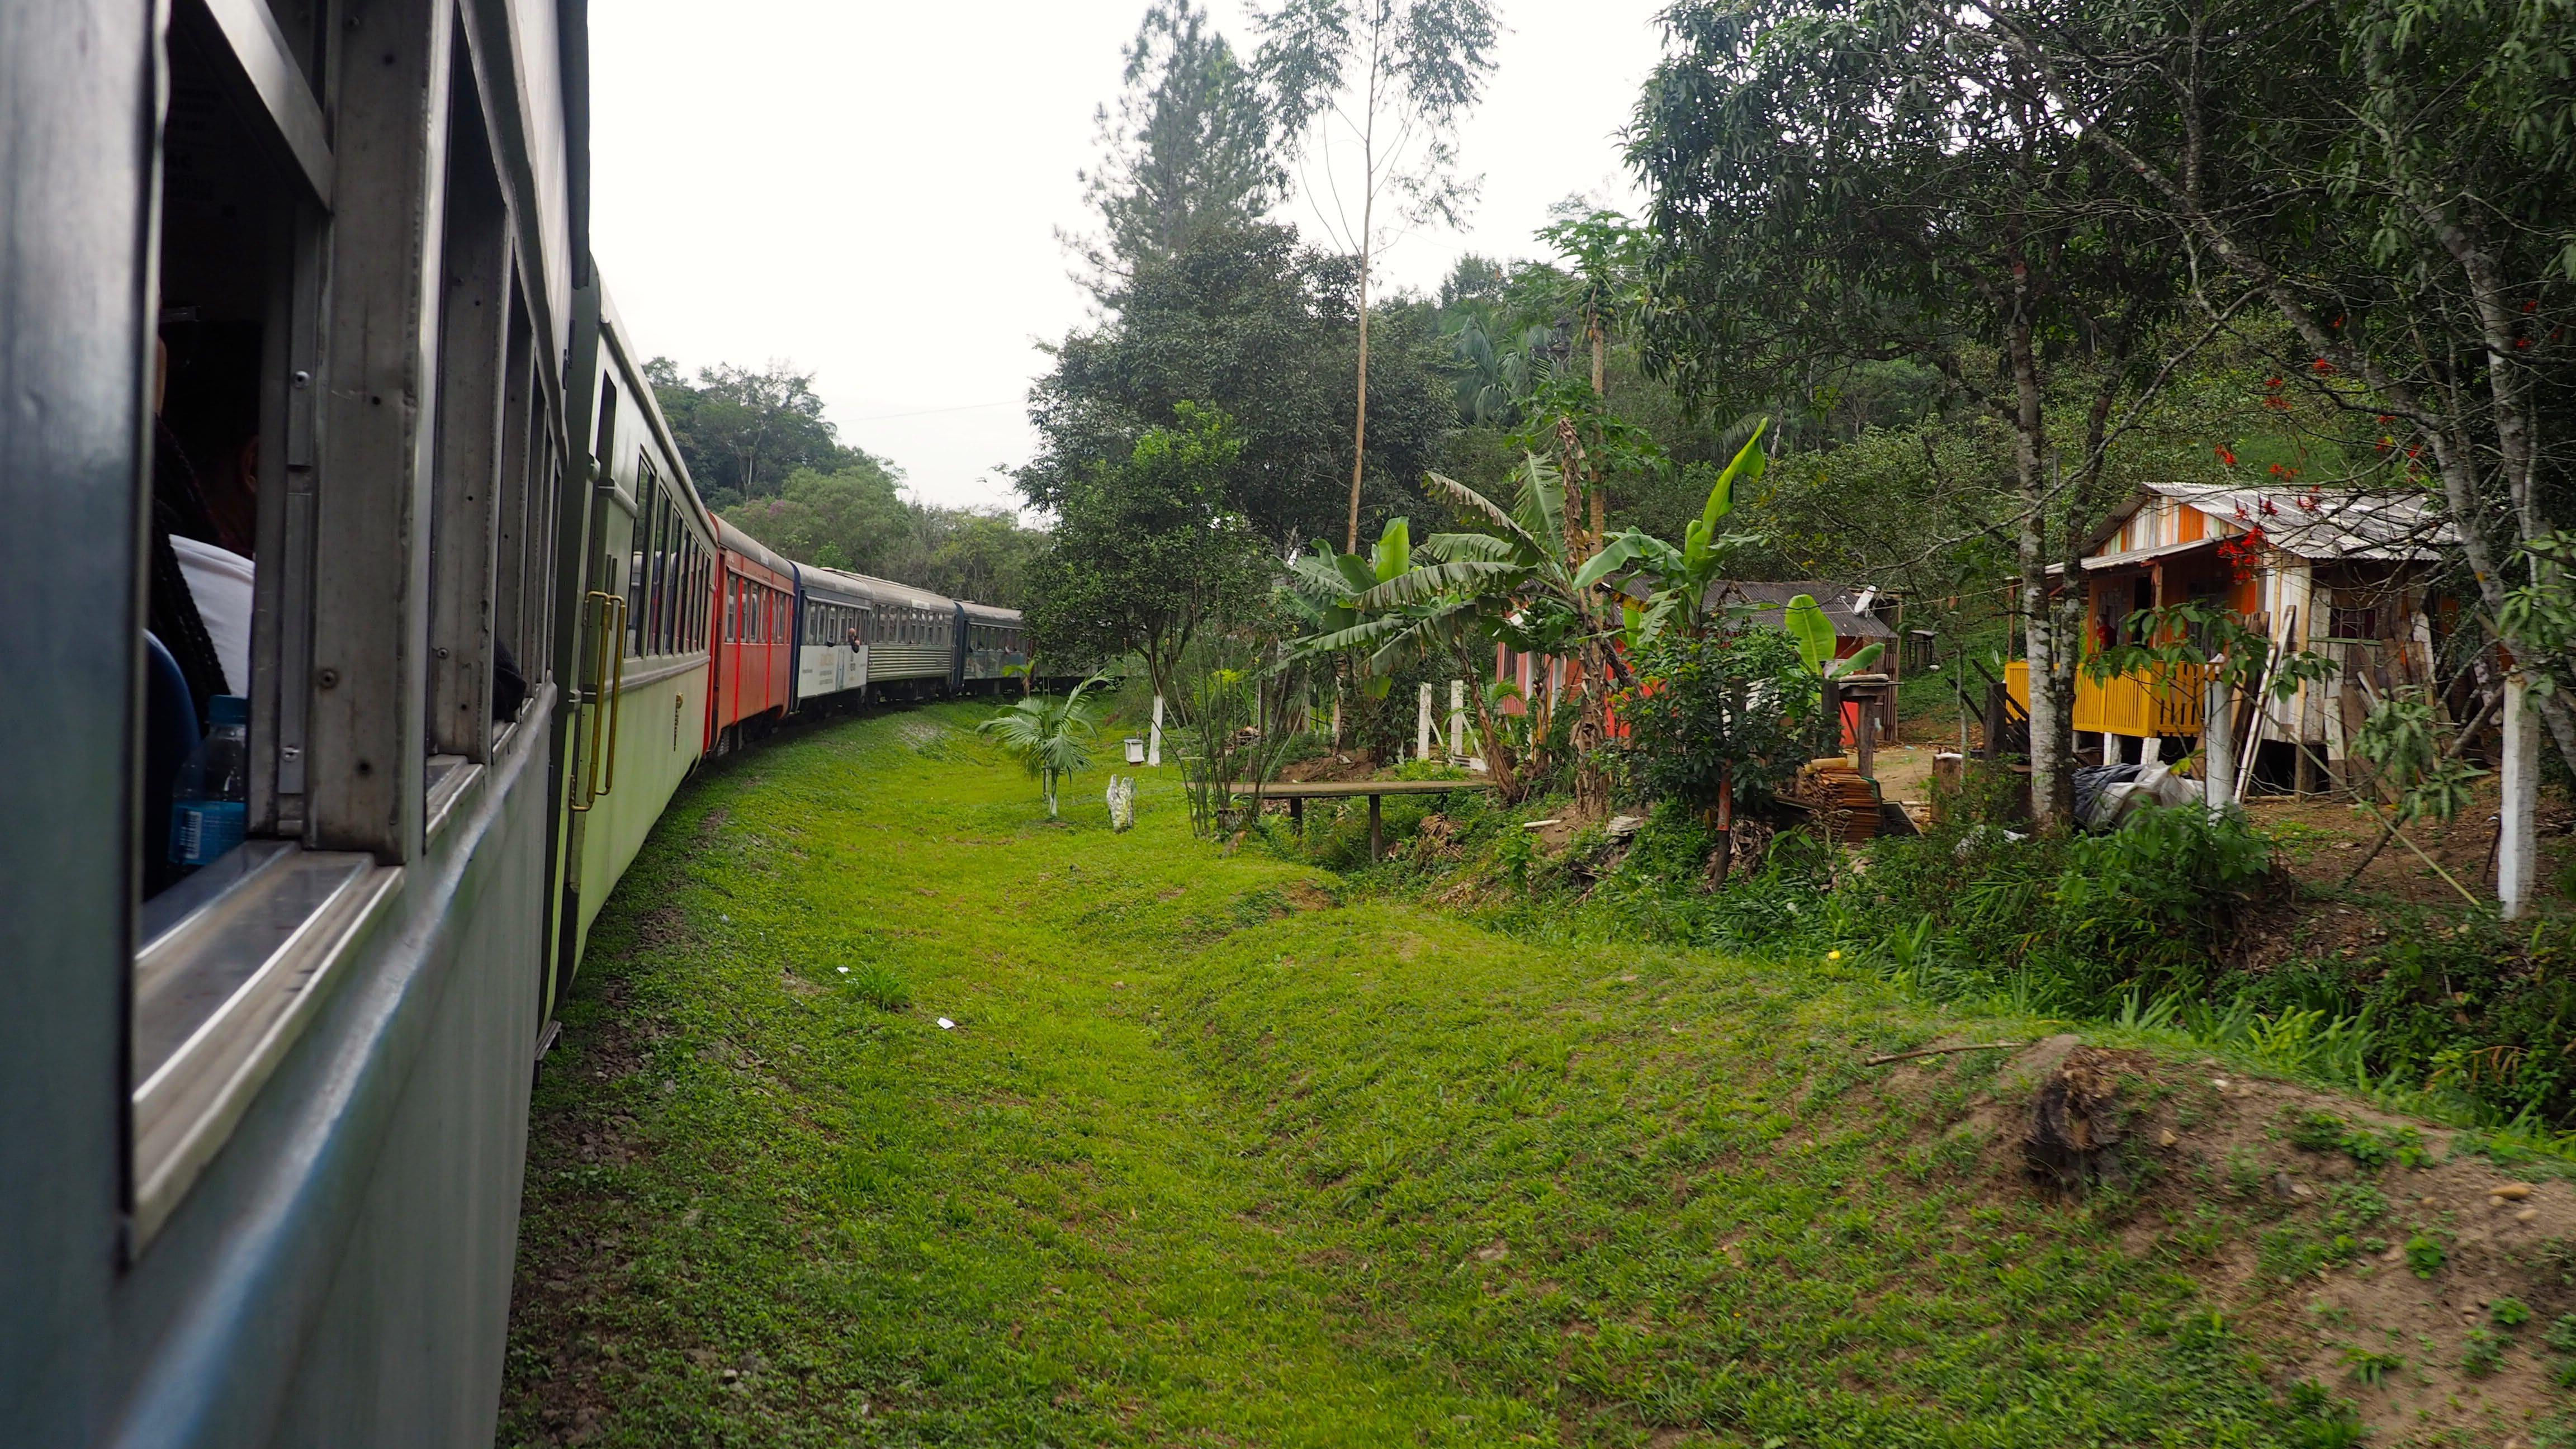 Casas alrededor de las vías del Tren Serra Verde Express